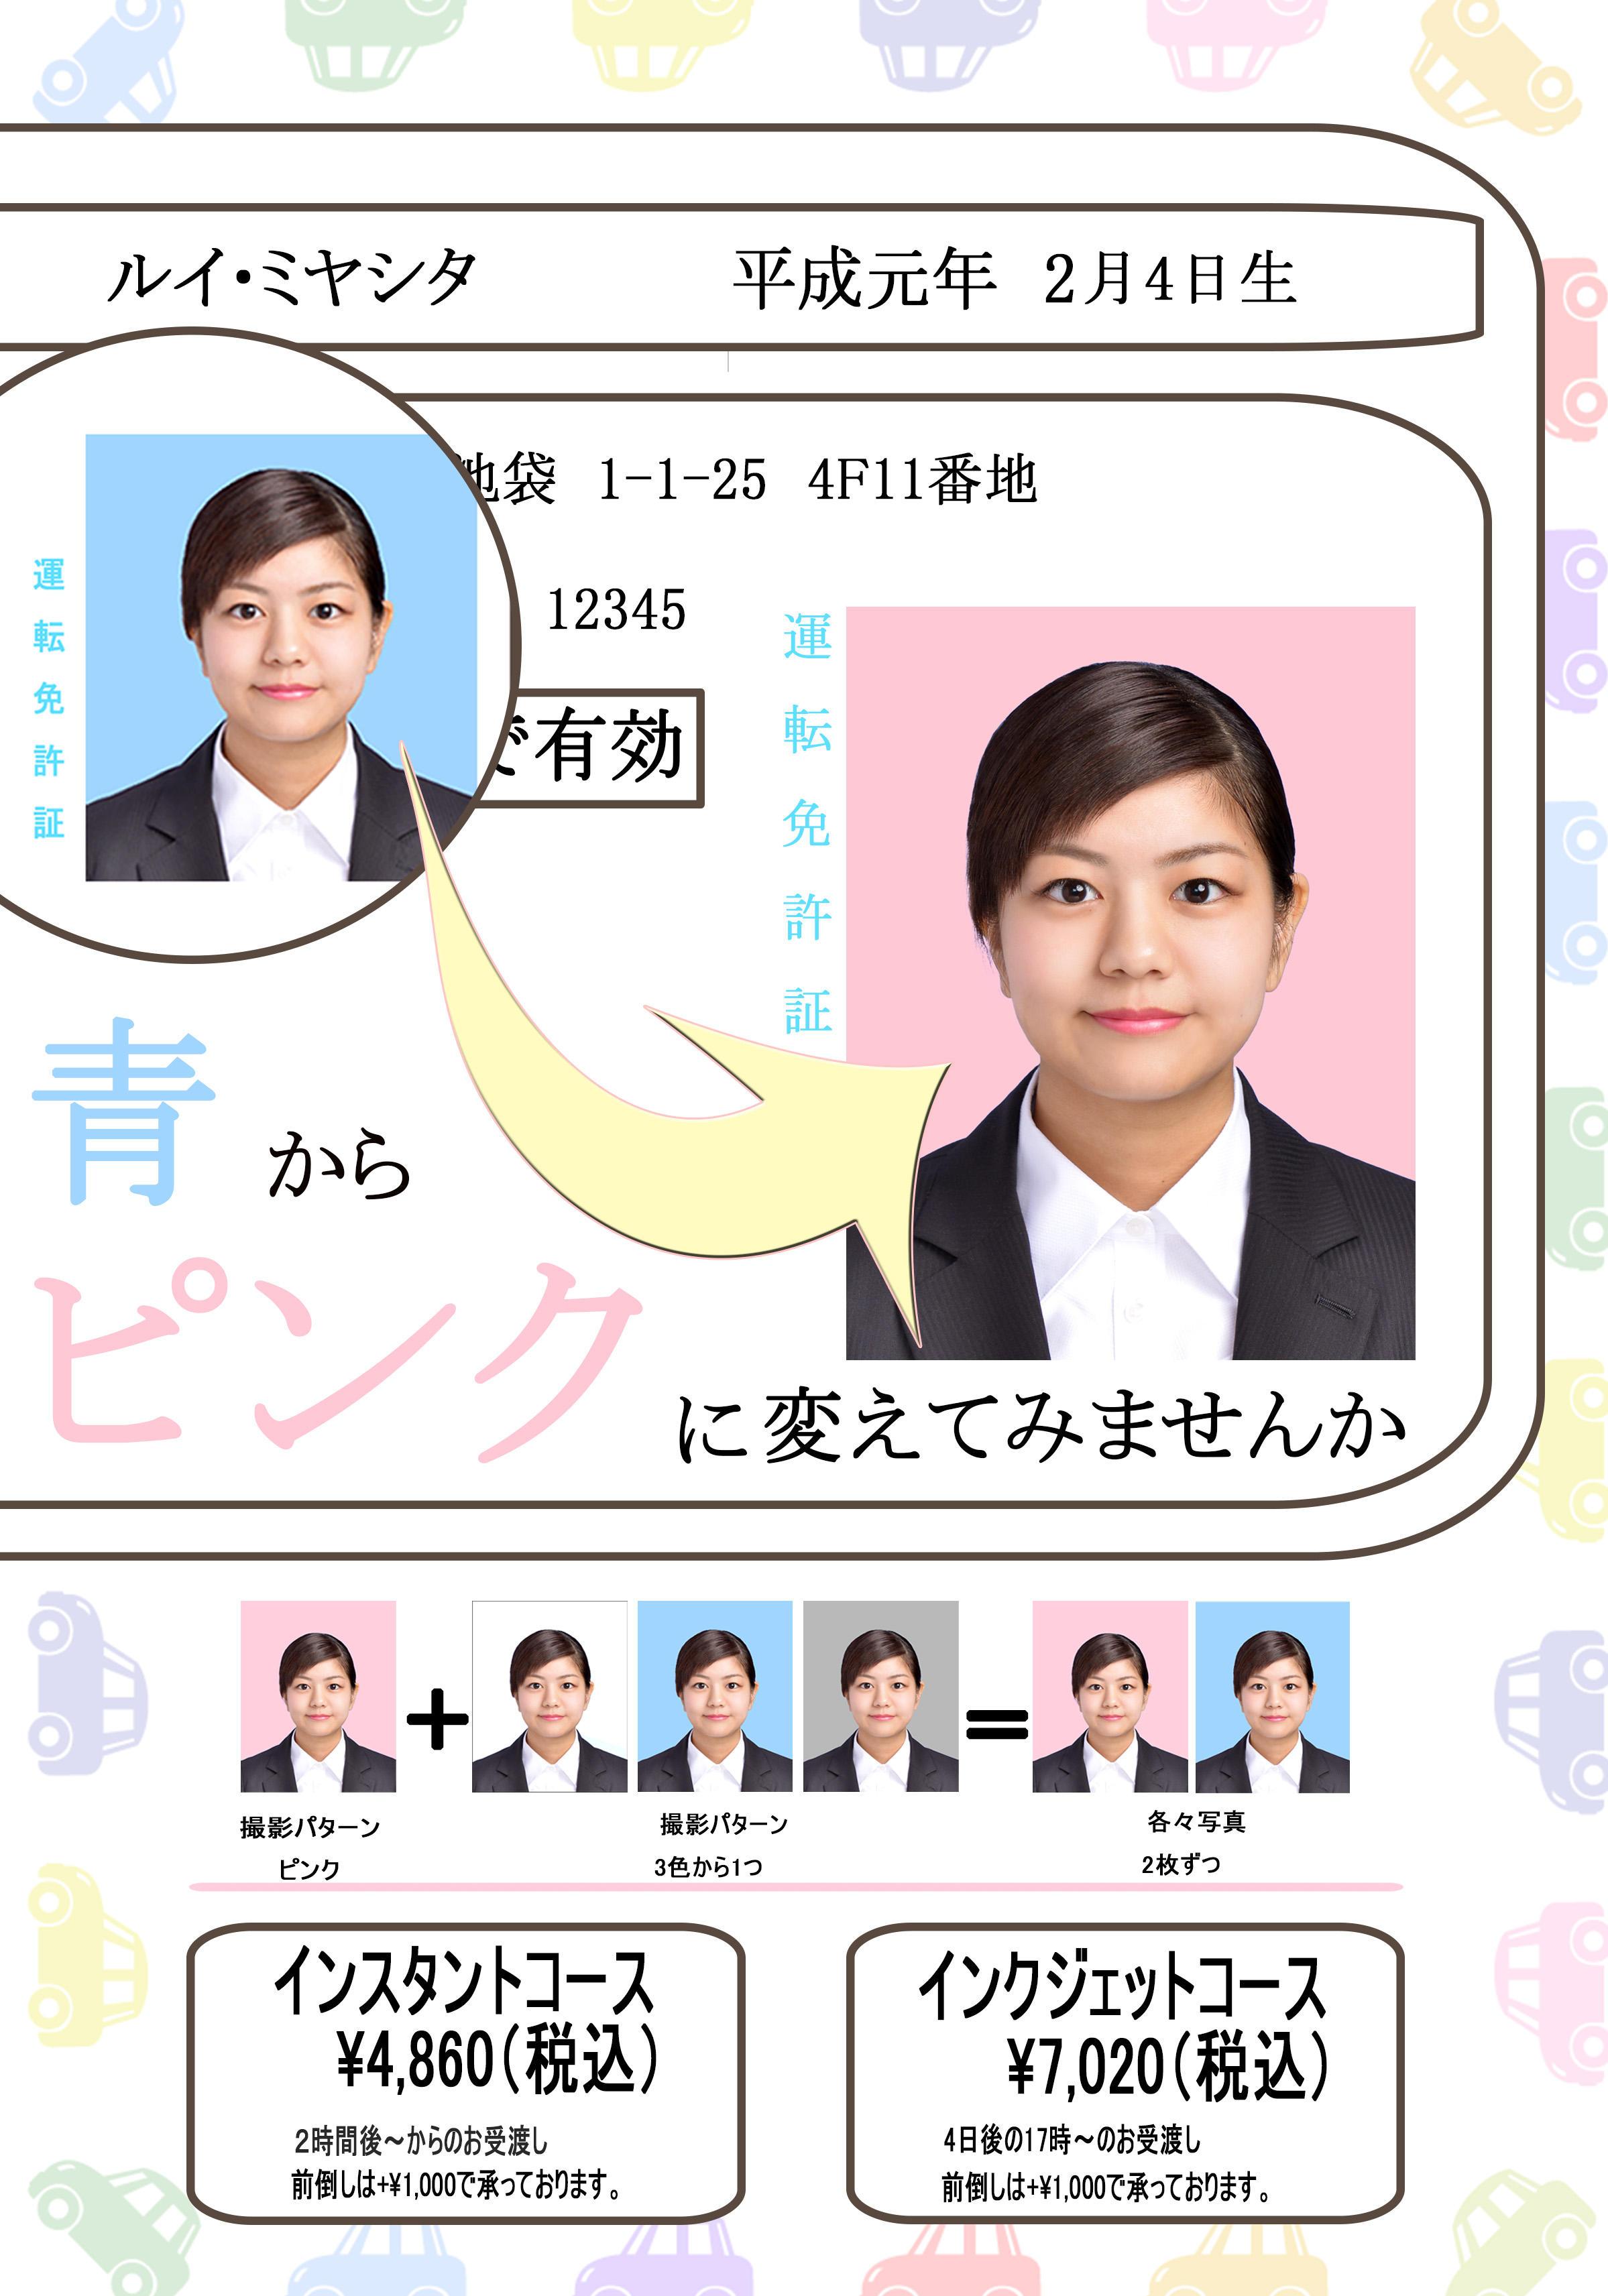 自動車 更新 県 神奈川 免許 神奈川県警察/運転免許センターのご案内